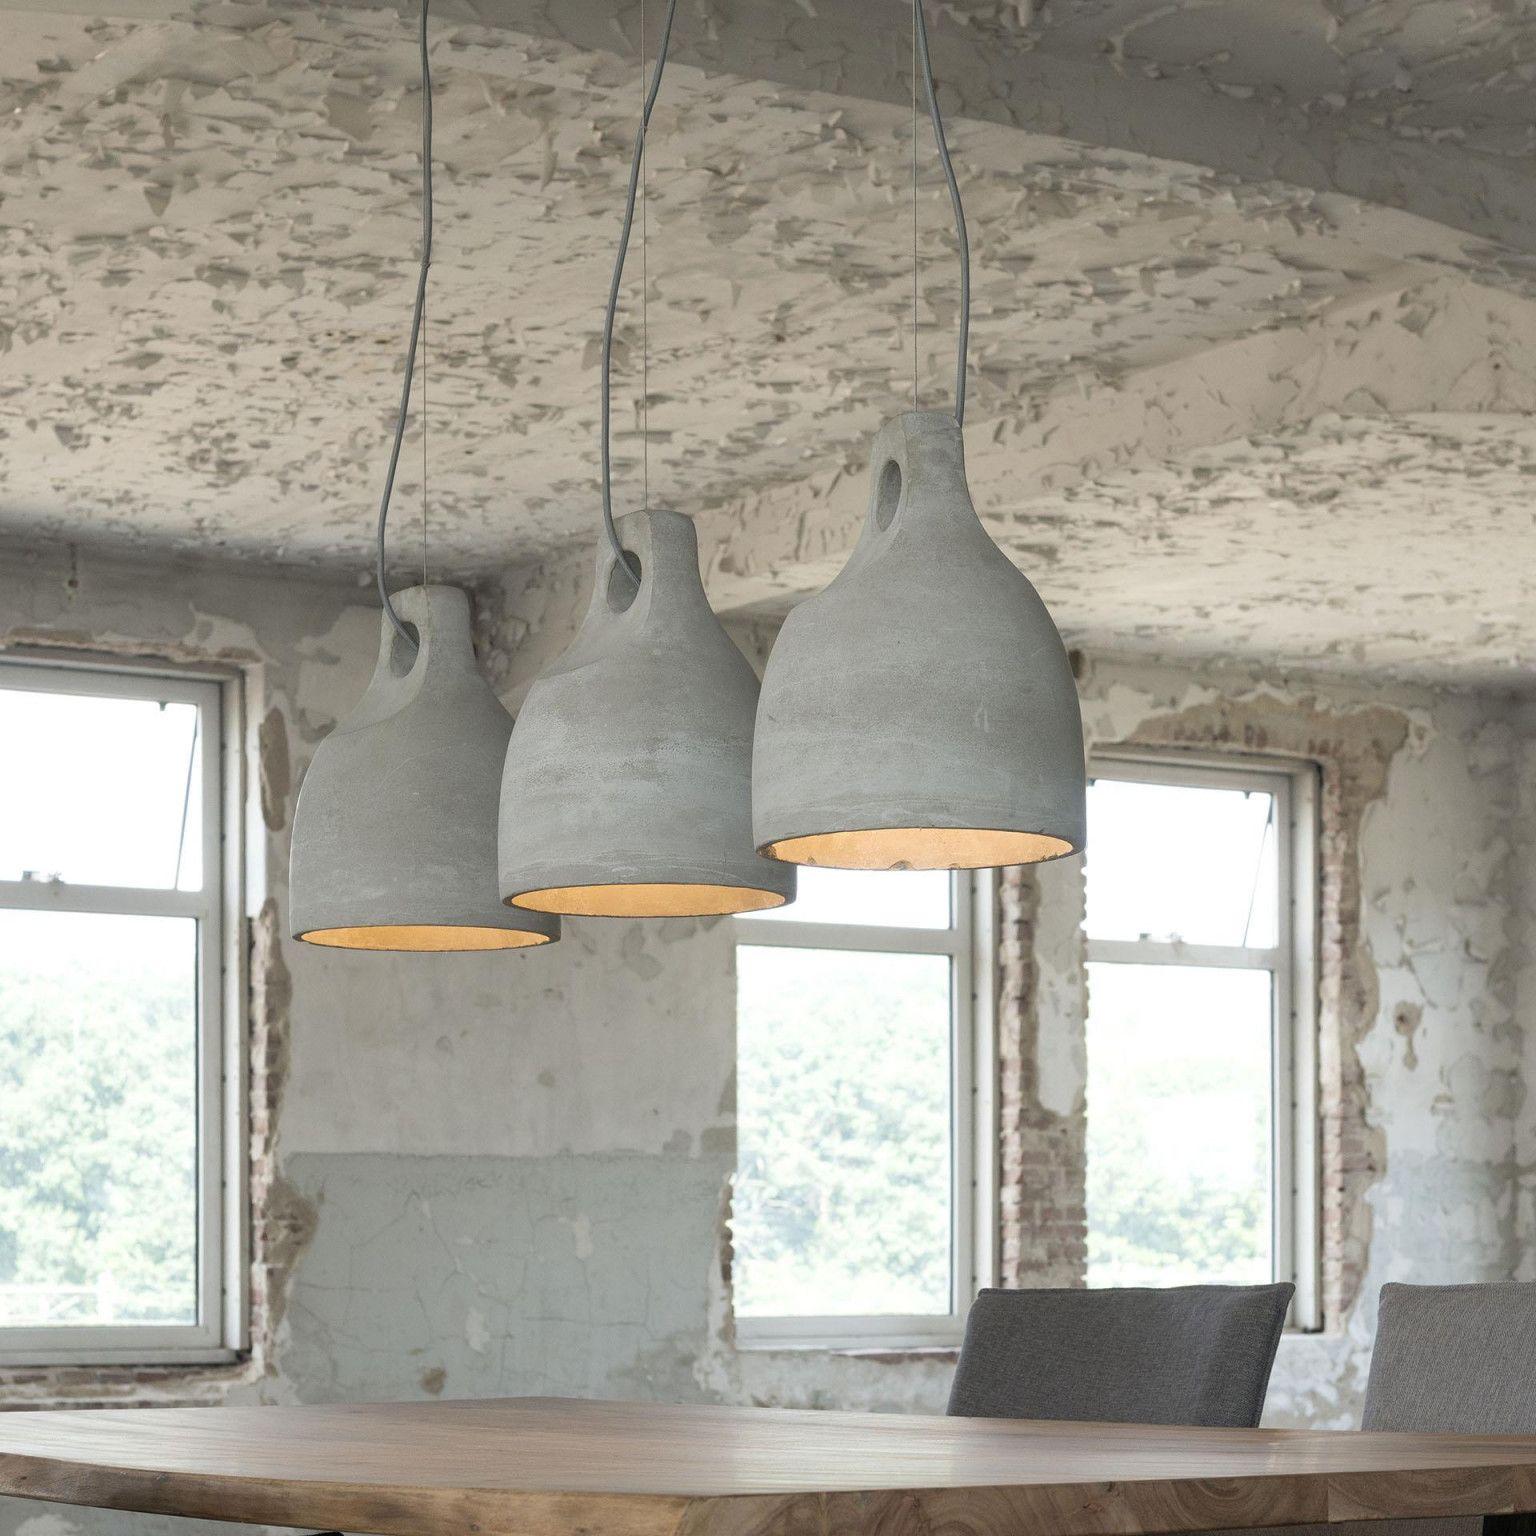 Hanglamp mabel beton lamps c meubelpartner hanglamp